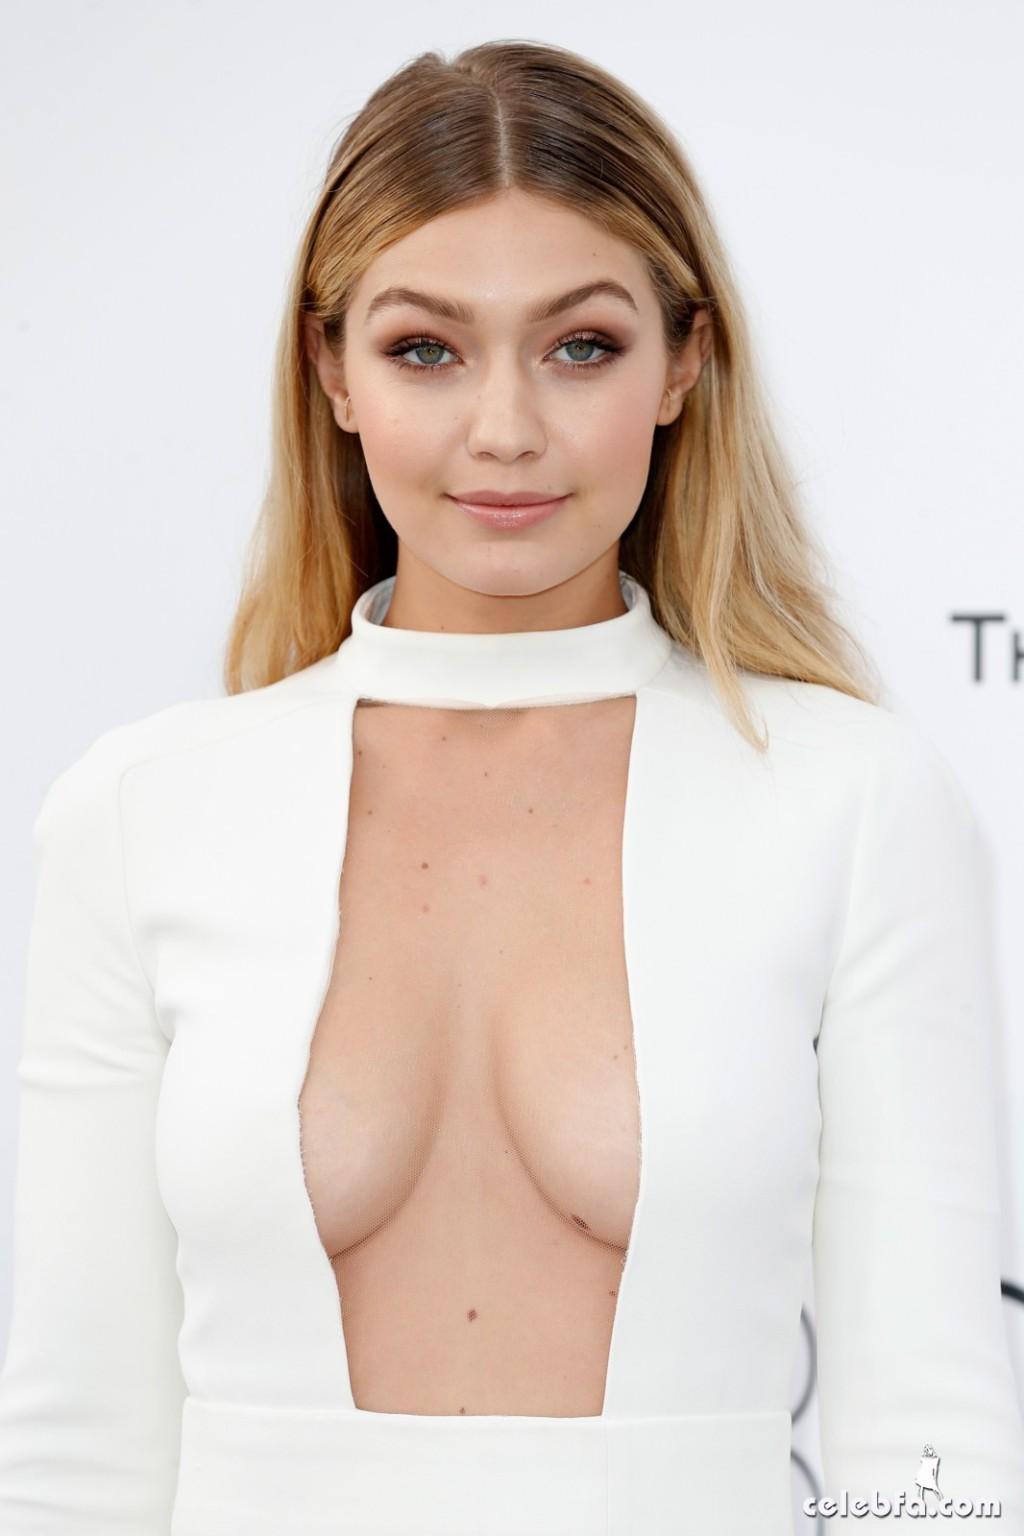 Gigi_Hadid_amfAR's Cannes Gala (5)